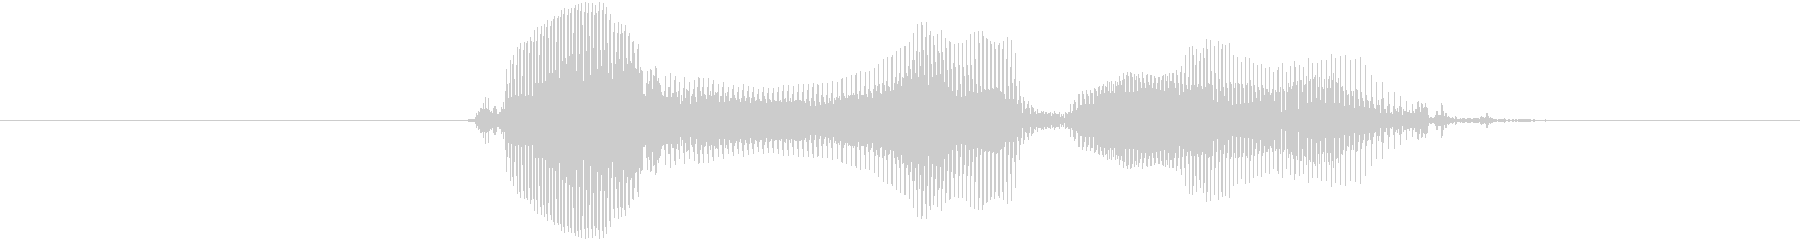 とりゃ!の未再生の波形